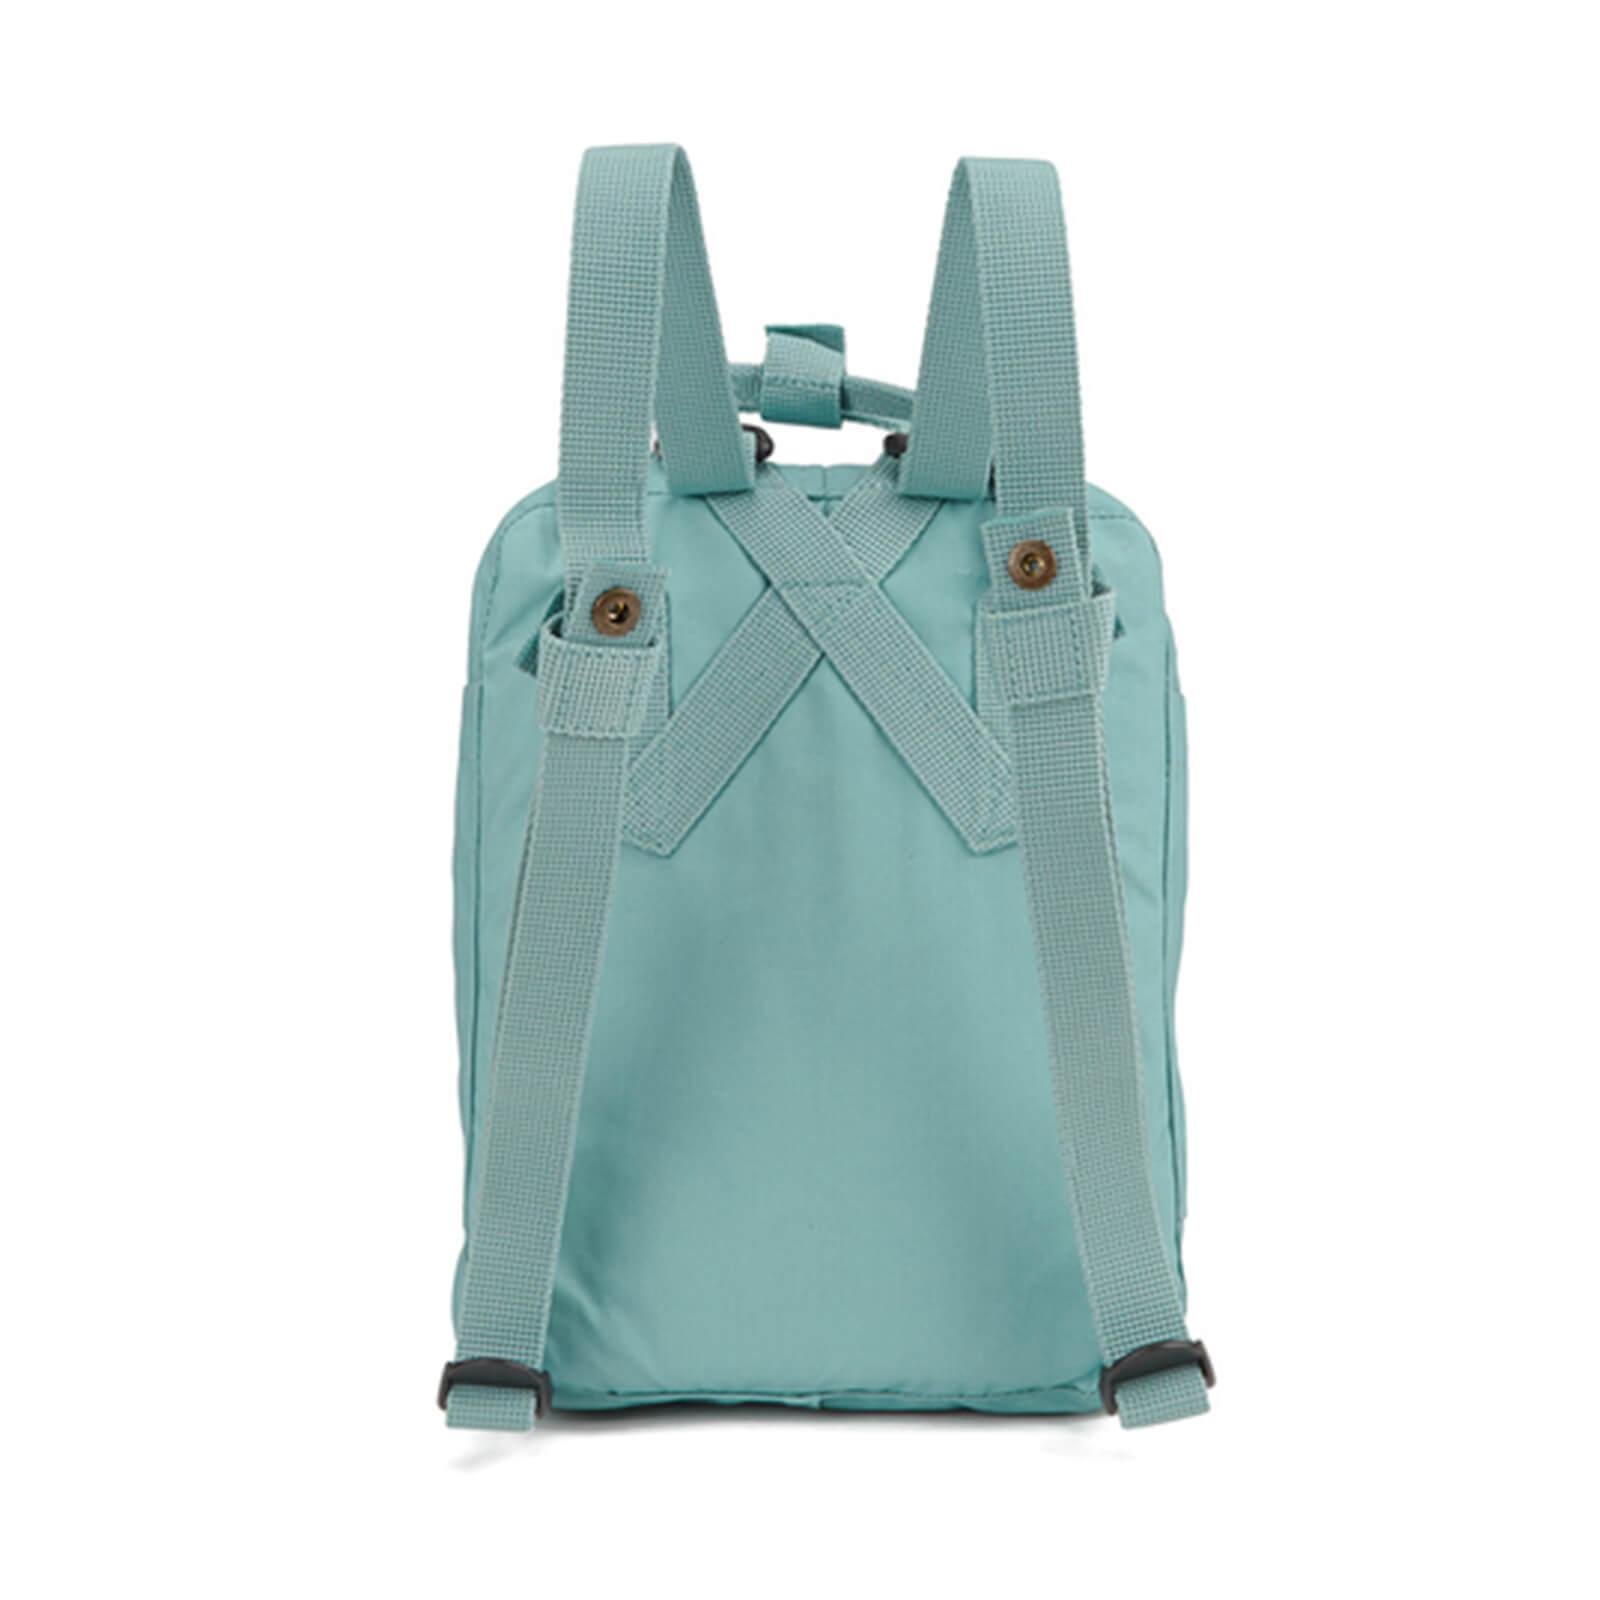 Fjallraven Mini Kanken Backpack in Blue - Save 13%